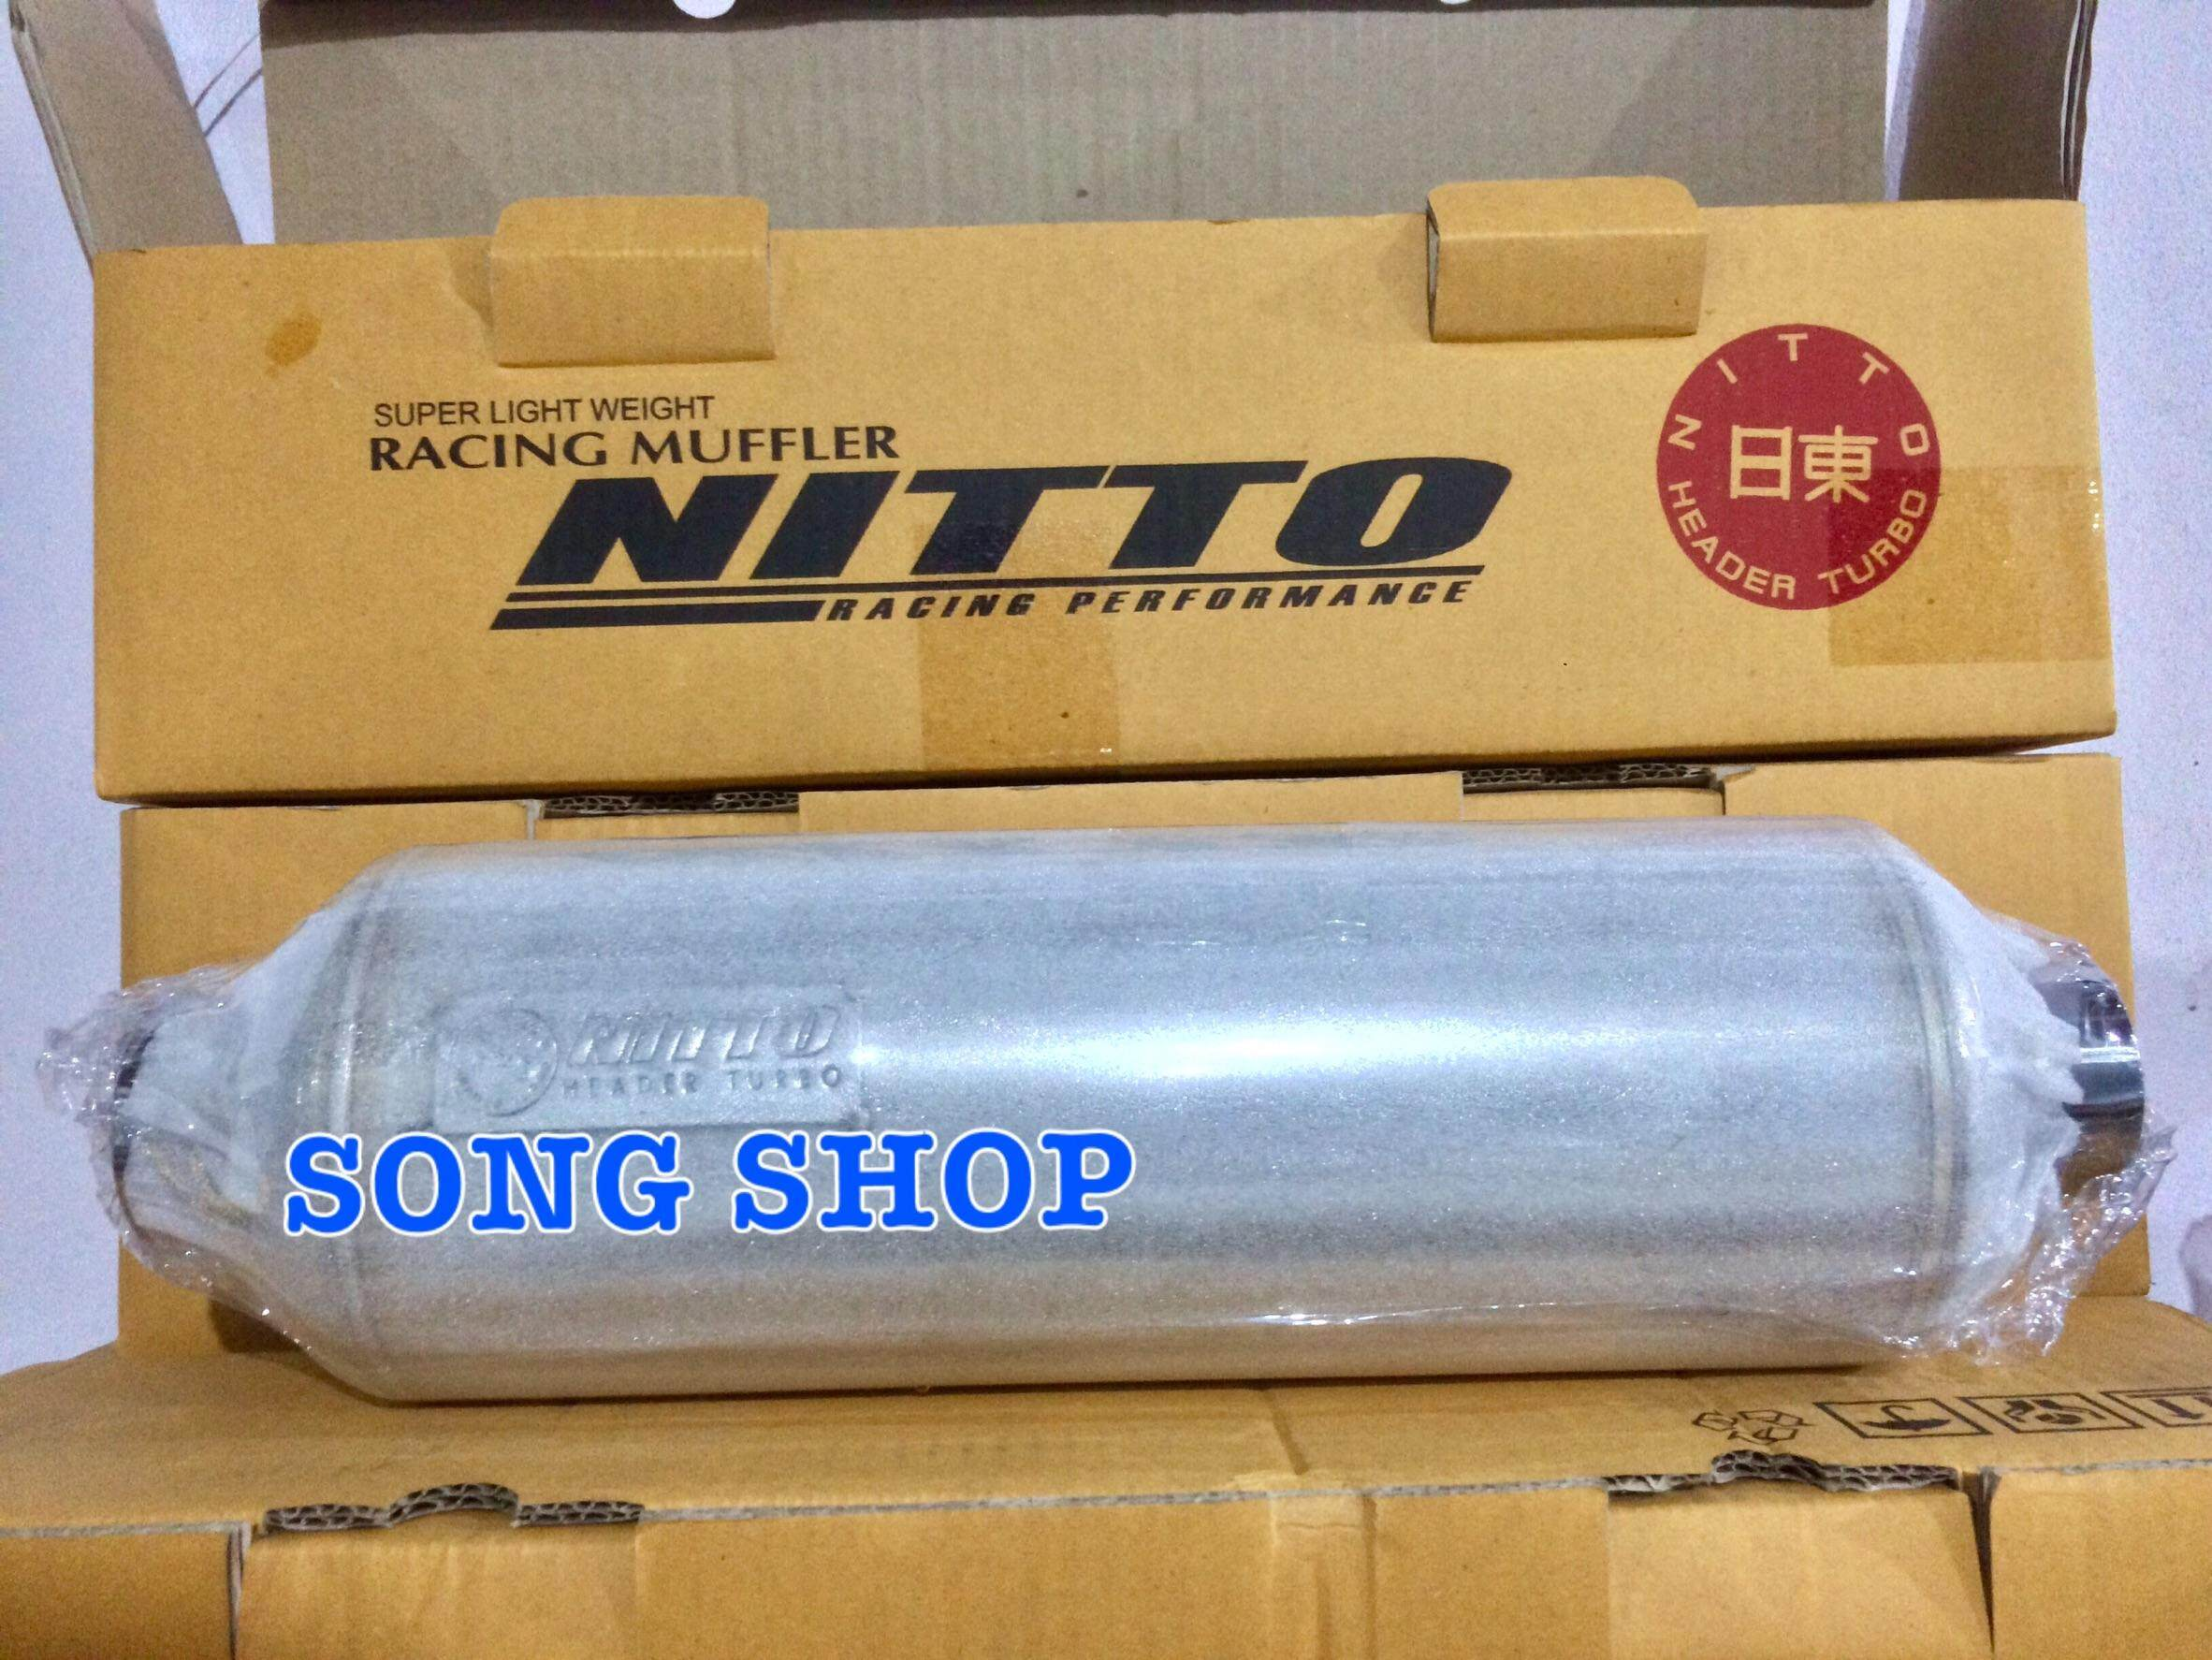 ซื้อที่ไหน  ตรัง ท่อพักไอเสีย NITTO เครื่องยนต์เบนซิล สูตรเกียร์ออโต้ A/T